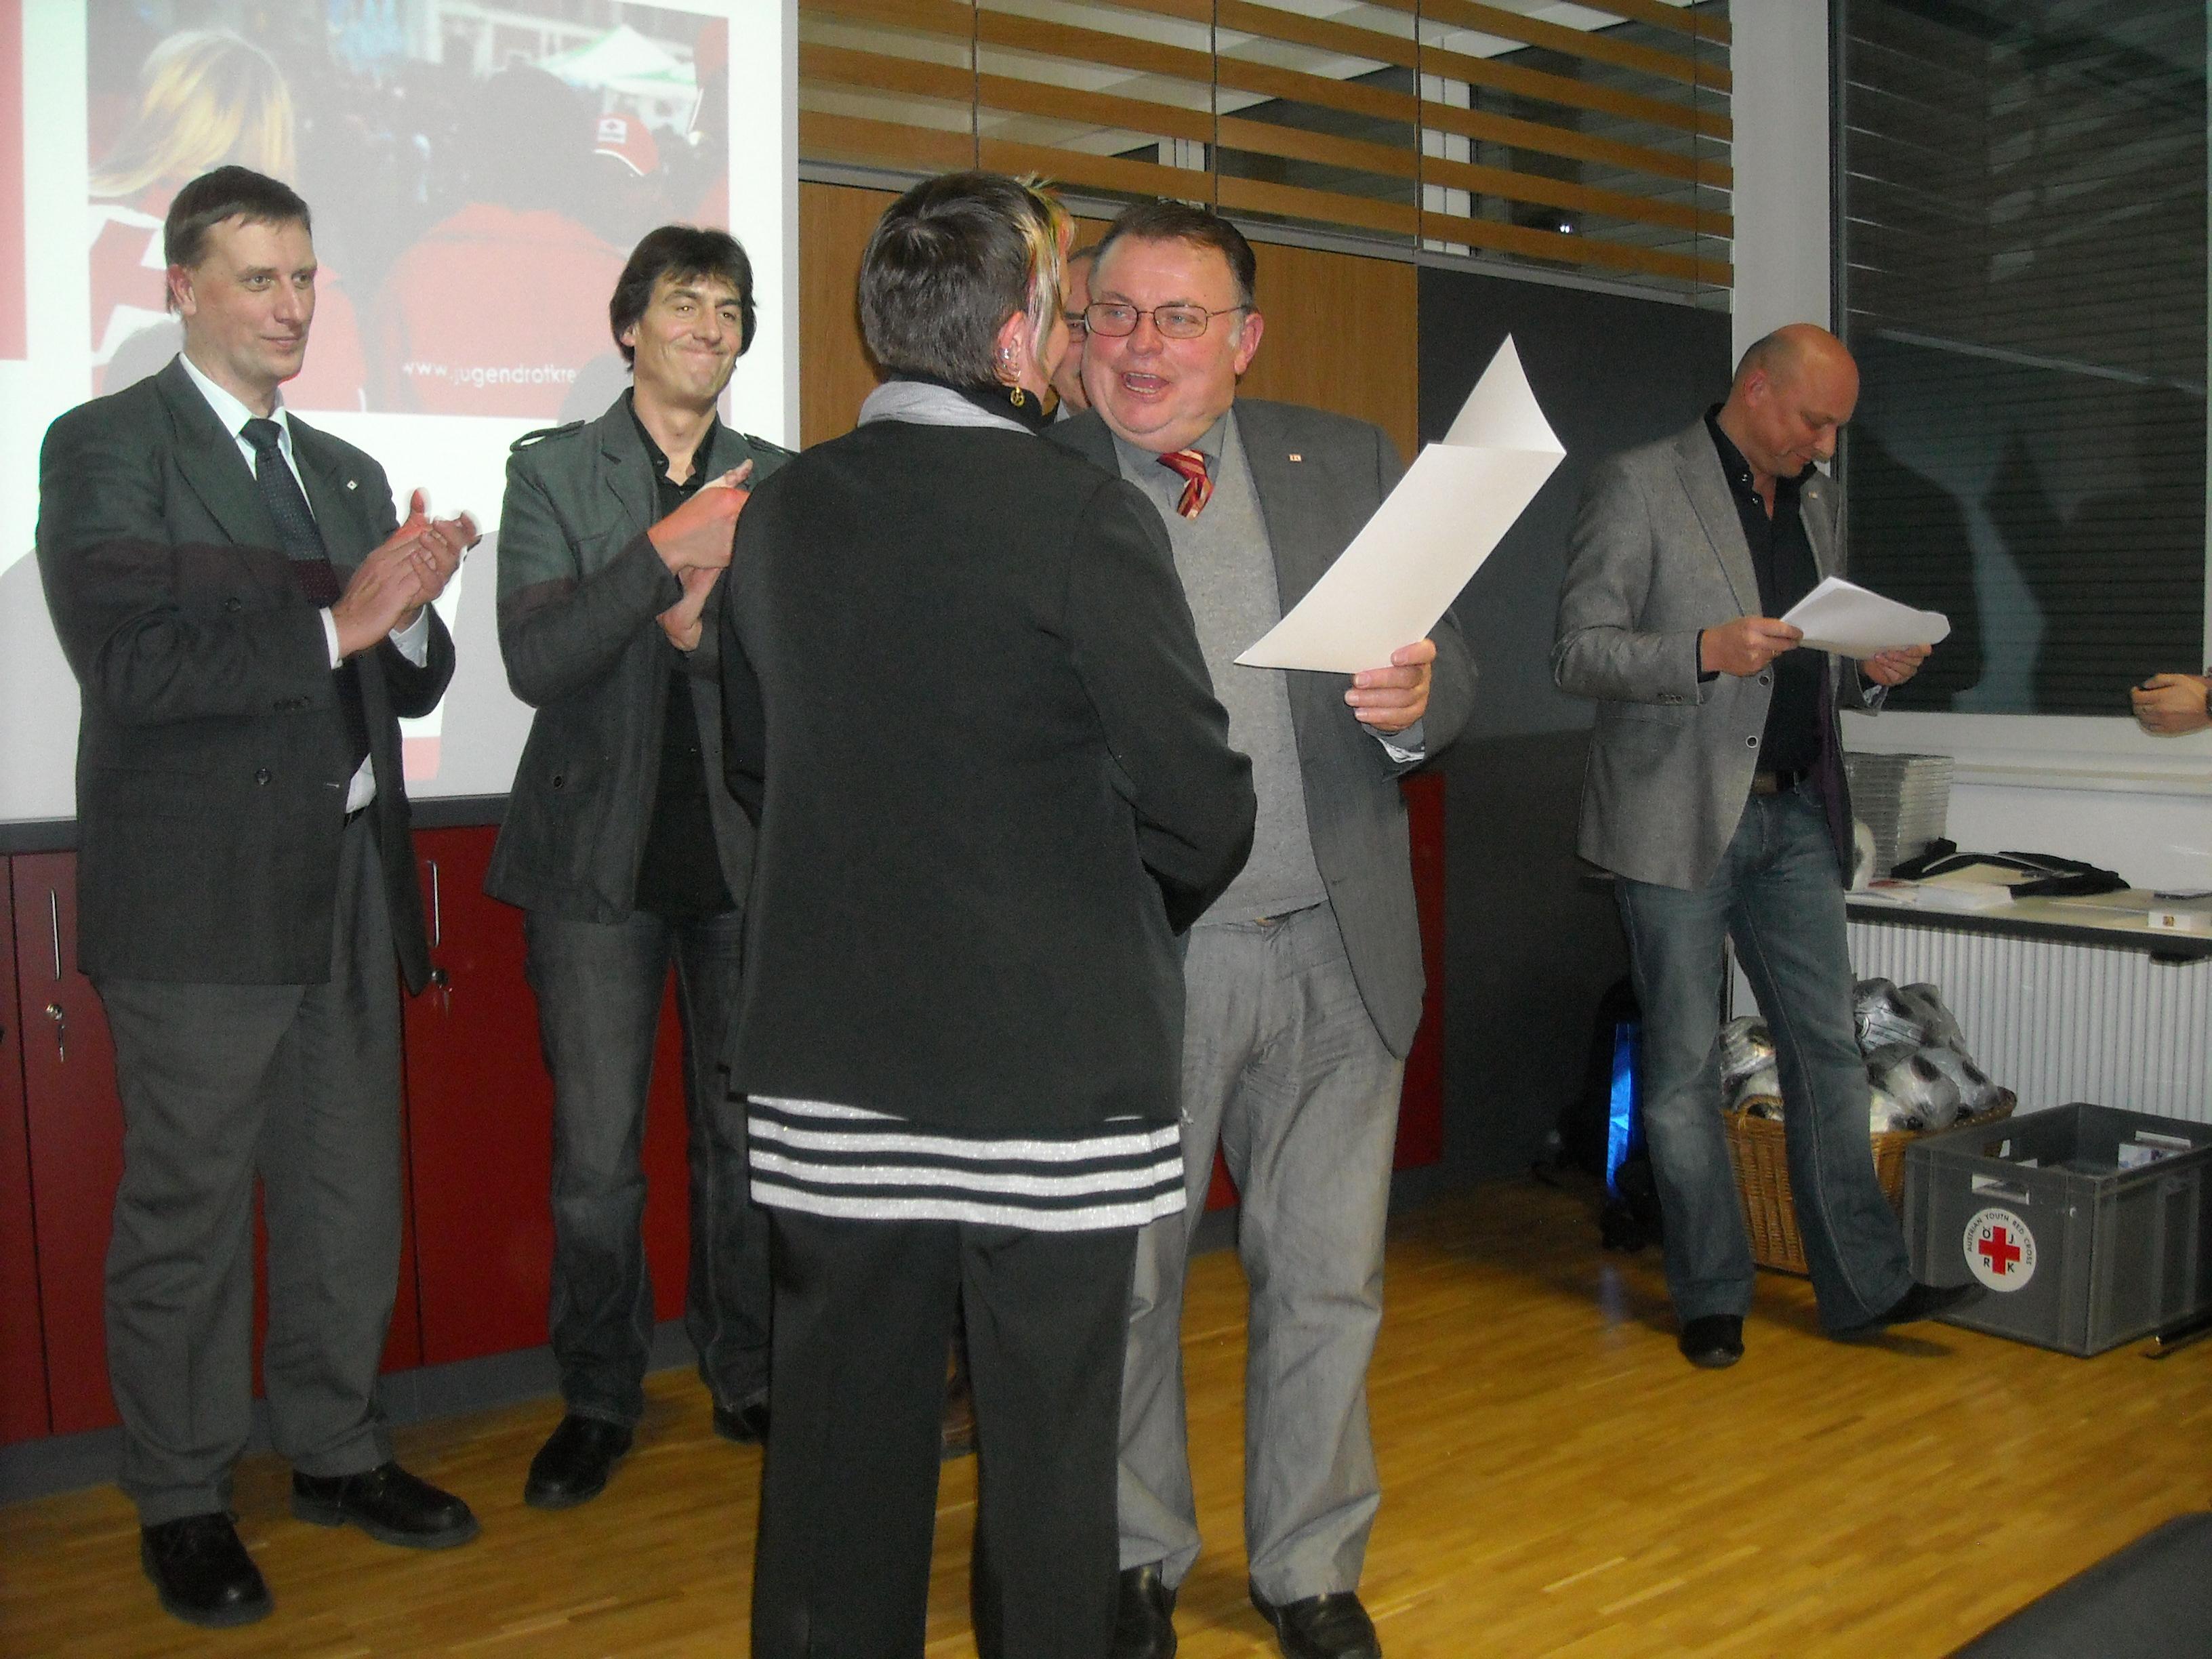 http://jrk.sbg-net.at/news/Jahresabschluss2009/DSCN6943.JPG